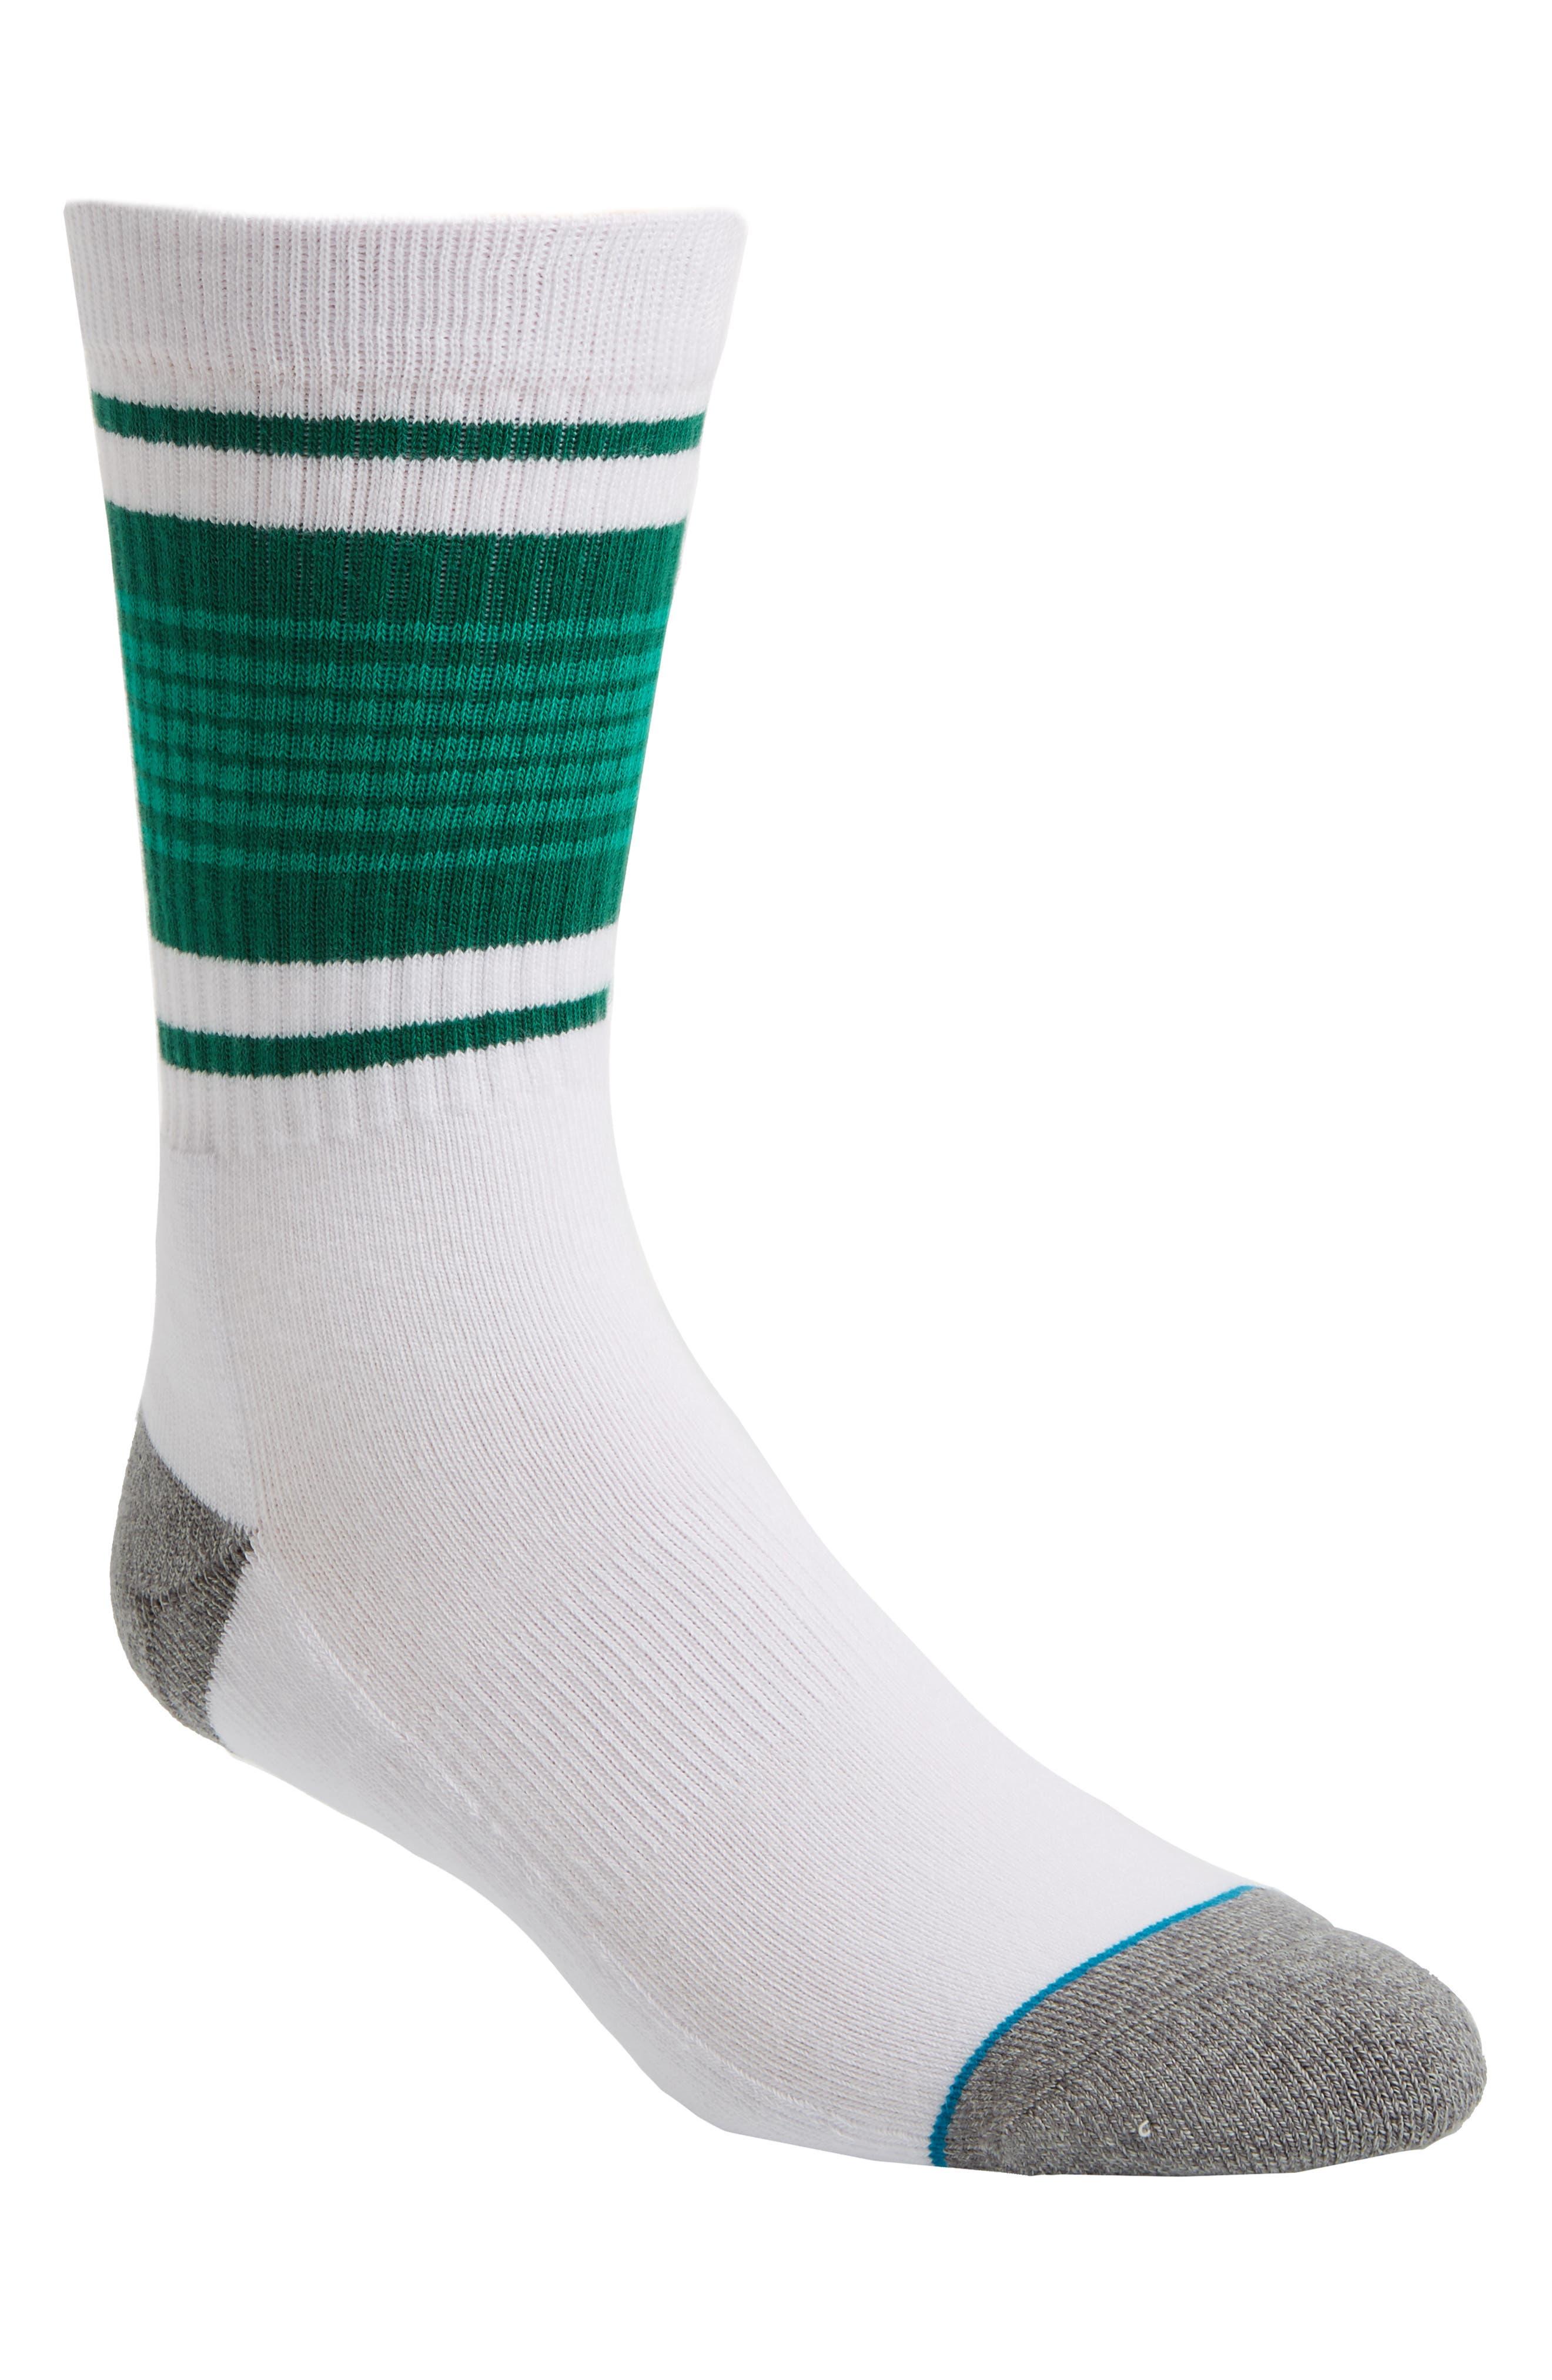 Blanco Socks,                         Main,                         color, 300